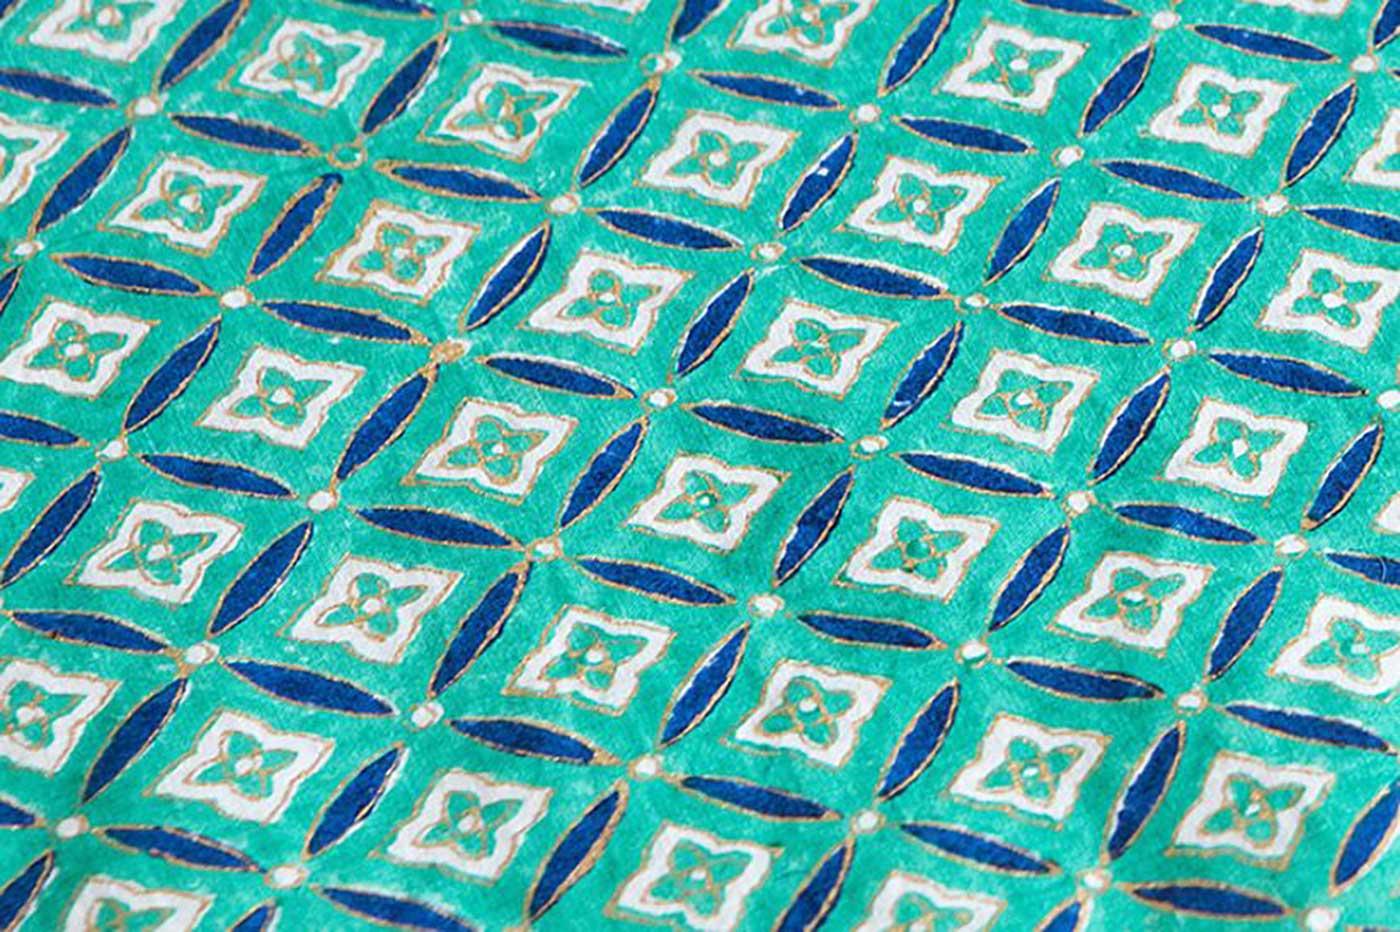 에스닉 블록프린트 테이블보A(민트)/생동감 넘치는 컬러의 아름다운 식탁 테이블보 상세이미지4